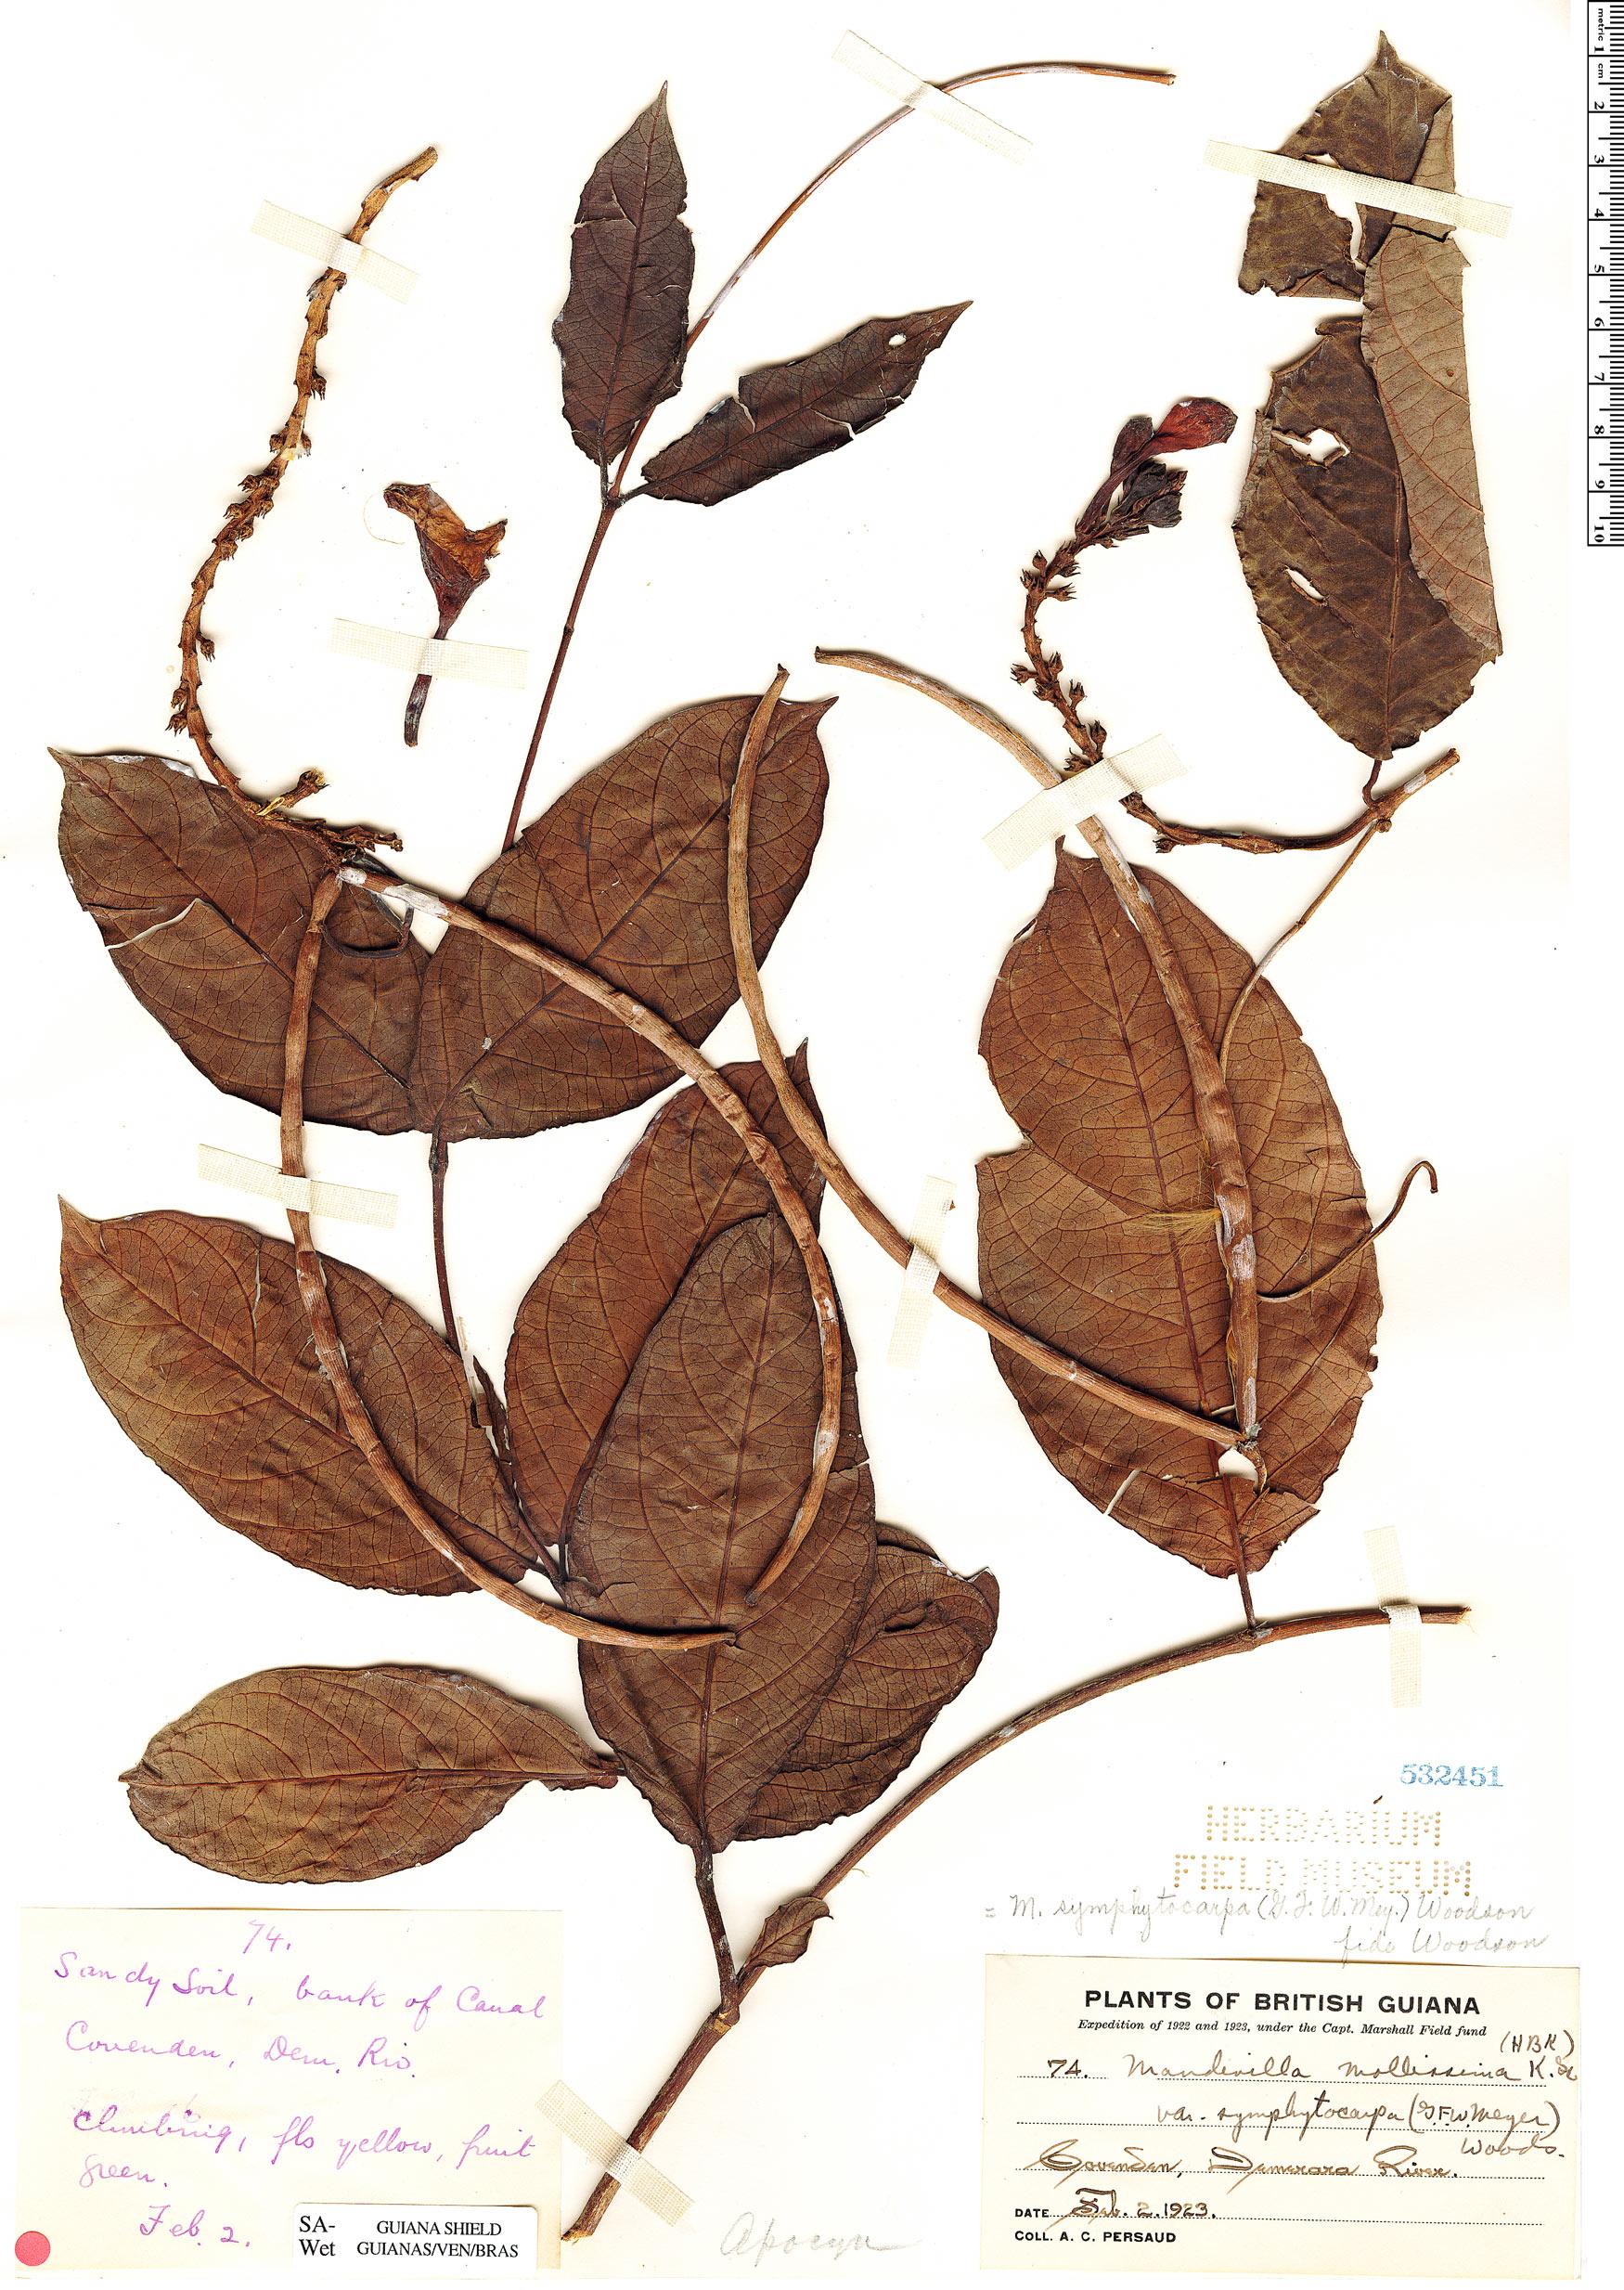 Espécime: Mandevilla symphytocarpa